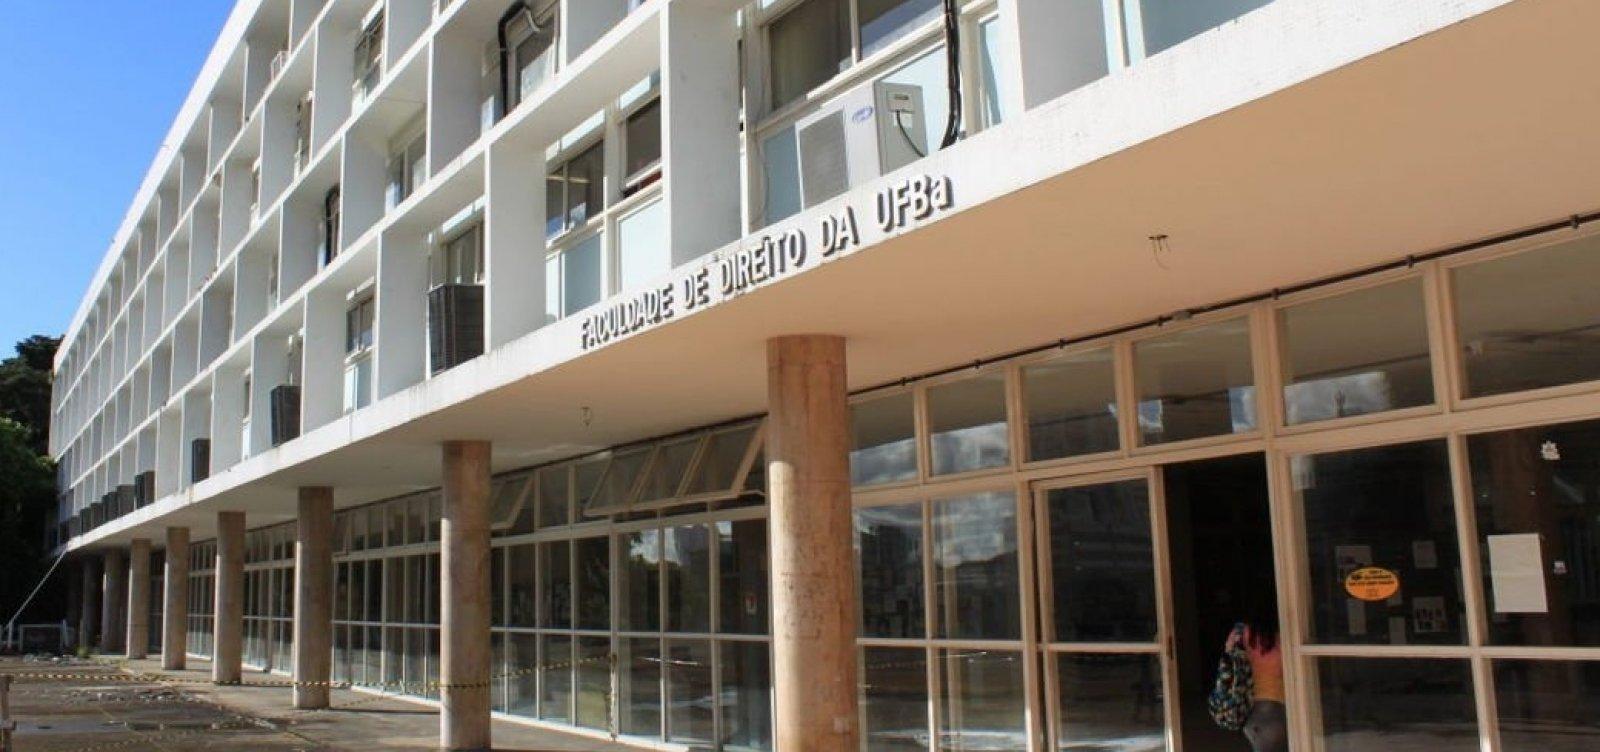 [Presidência da OAB: Fabrício divulga apoio de diretório da Ufba e alunos reagem contra]